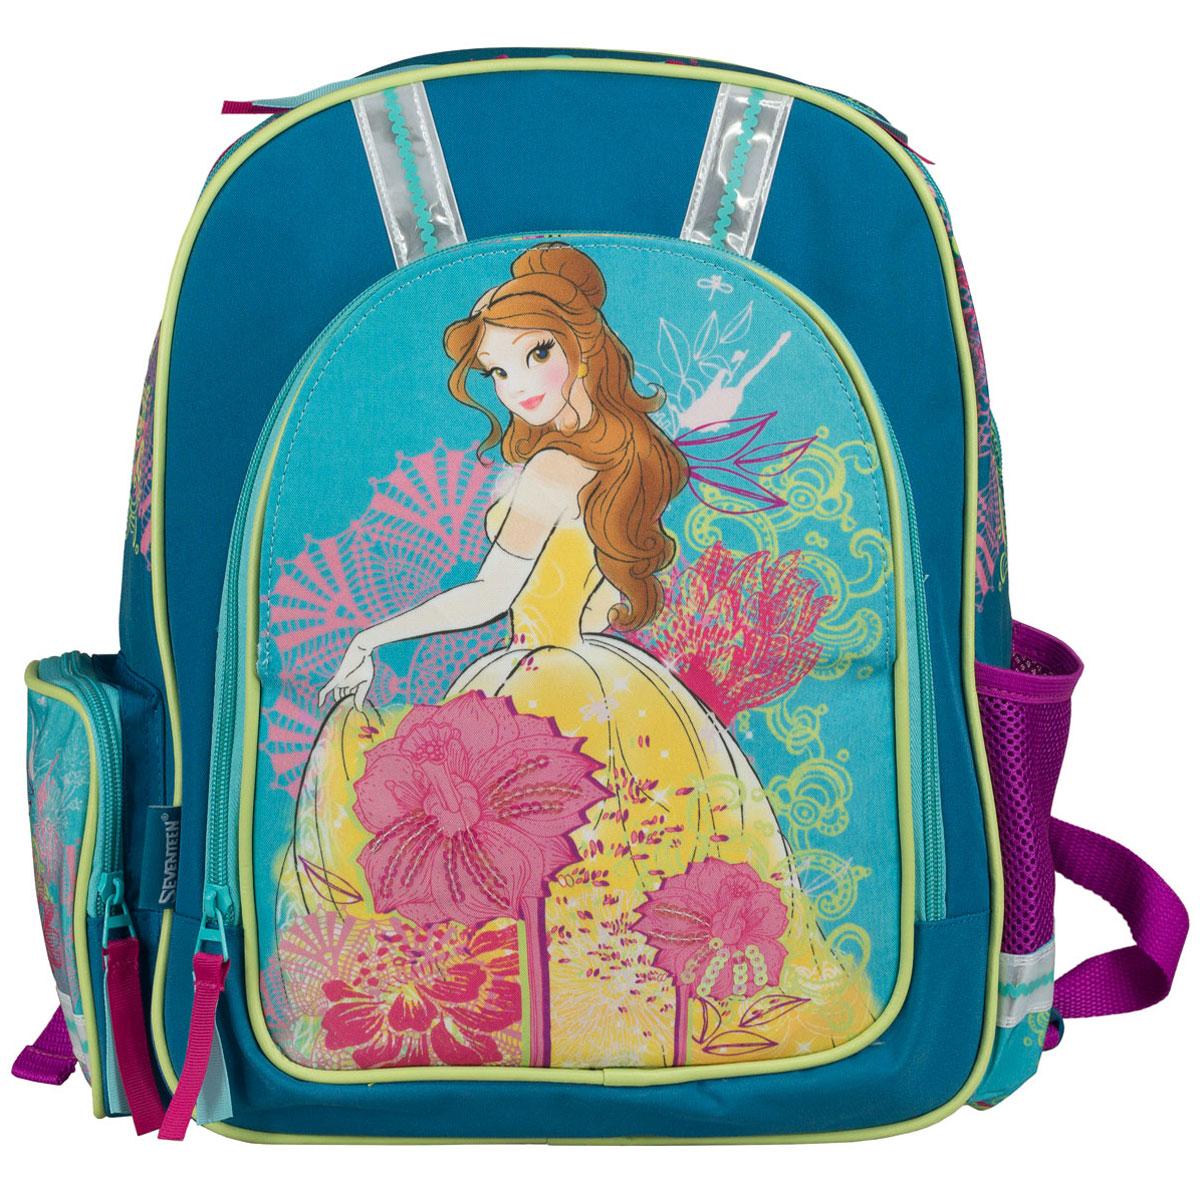 Рюкзак школьный Disney Princess, цвет: сиреневый, бирюзовый. PRCB-RT2-836MPRCB-RT2-836MРюкзак школьный Disney Princess обязательно понравится вашей школьнице. Выполнен из прочных и высококачественных материалов, дополнен изображением прекрасной принцессы.Содержит одно вместительное отделение, закрывающееся на застежку-молнию. Внутри отделения находятся две перегородки для тетрадей или учебников, а также открытый карман-сетка. Лицевая сторона оснащена накладным карманом на молнии. Перекидная магнитная панель на лицевой стороне позволяет менять дизайн рюкзака. По бокам расположены два накладных кармана: на застежке-молнии и открытый, стянутый сверху резинкой. Специально разработанная архитектура спинки со стабилизирующими набивными элементами повторяет естественный изгиб позвоночника. Набивные элементы обеспечивают вентиляцию спины ребенка. Плечевые лямки анатомической формы равномерно распределяют нагрузку на плечевую и воротниковую зоны. Конструкция пряжки лямок позволяет отрегулировать рюкзак по фигуре. Рюкзак оснащен эргономичной ручкой для удобной переноски в руке. Светоотражающие элементы обеспечивают безопасность в темное время суток.Многофункциональный школьный рюкзак станет незаменимым спутником вашего ребенка в походах за знаниями.Вес рюкзака без наполнения: 700 г.Рекомендуемый возраст: от 7 лет.